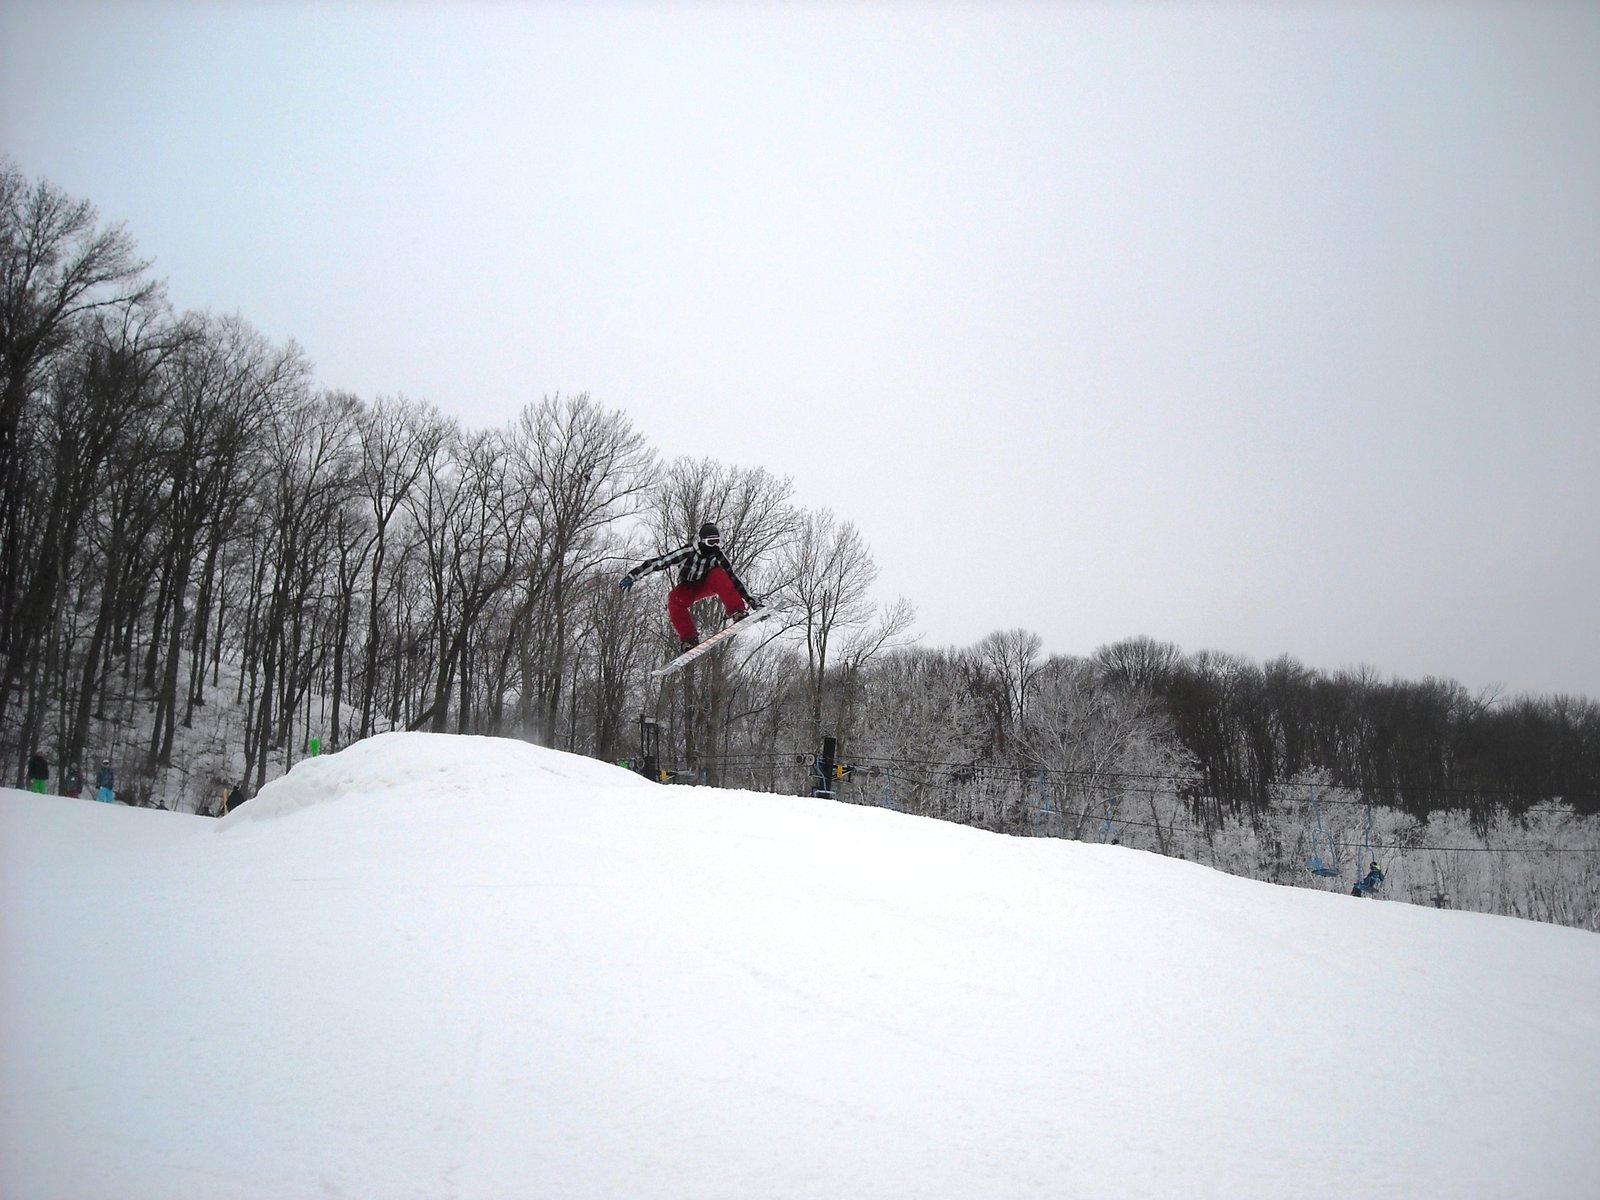 Pns jump